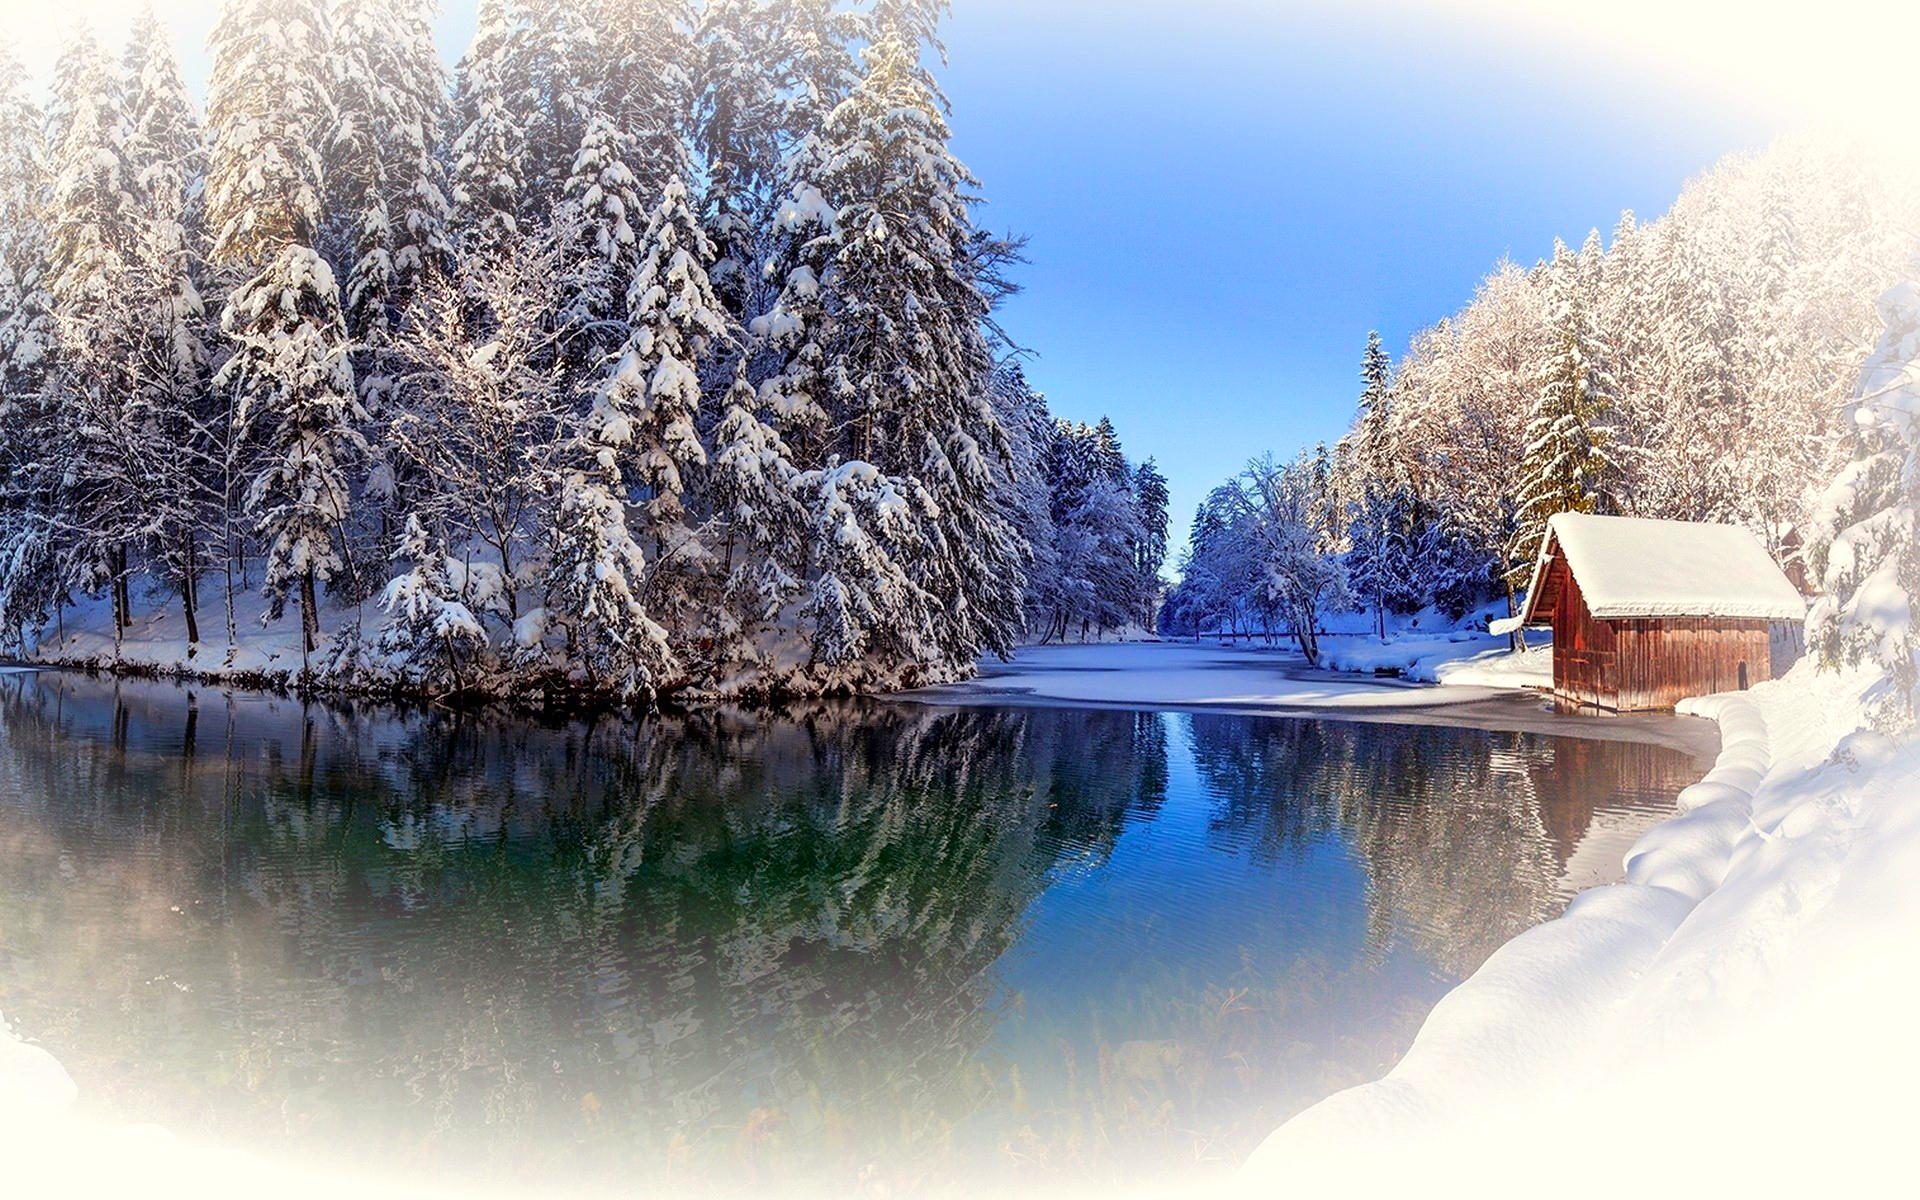 обои зима на рабочий стол пейзаж № 640780 бесплатно